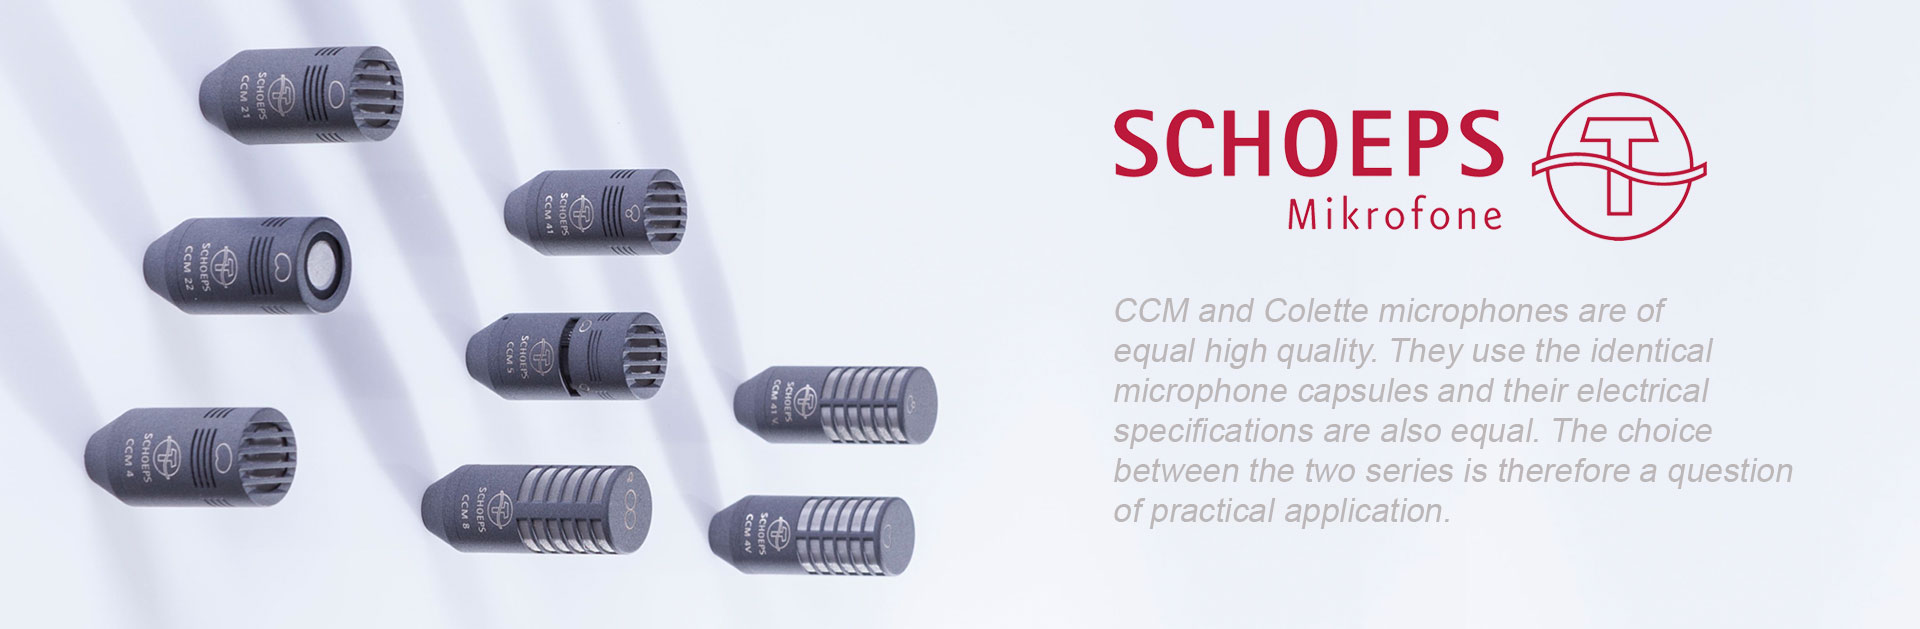 Schoeps Microphones